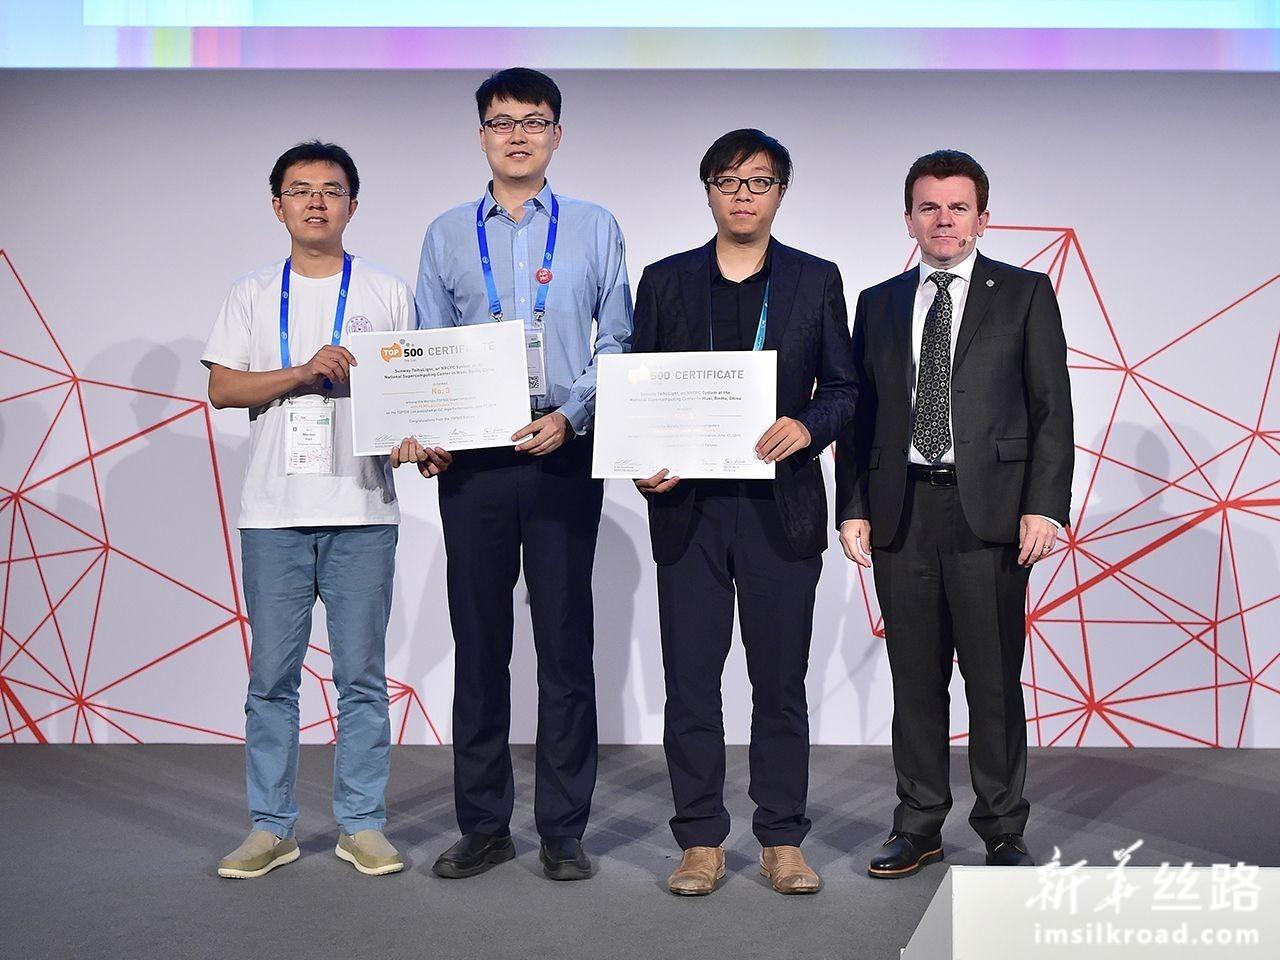 """6月17日,在德国法兰克福,中国超算""""神威·太湖之光""""团队代表上台领取证书。新华社记者 逯阳 摄"""